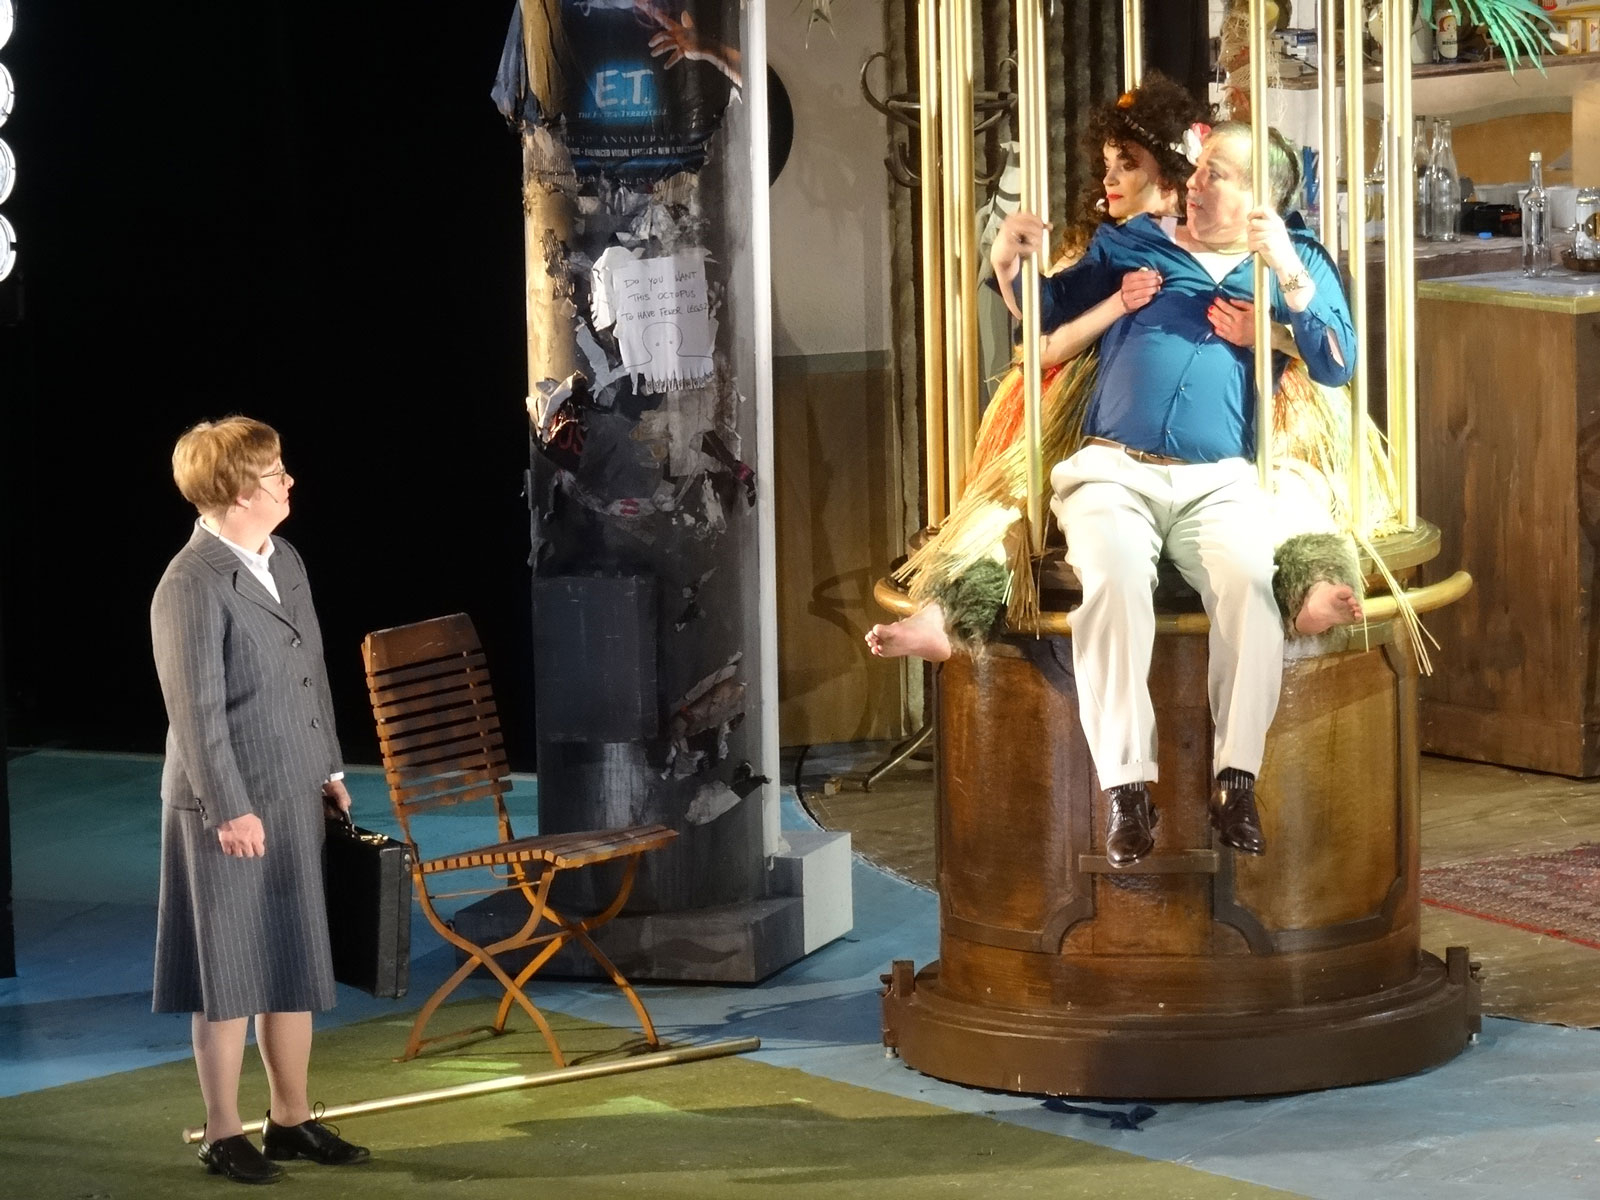 """Vorhang auf! Sonja Hofmann brilliert in ihrer Nebenrolle im Stück """"Pension Schöller"""" am Staatstheater Nürnberg."""